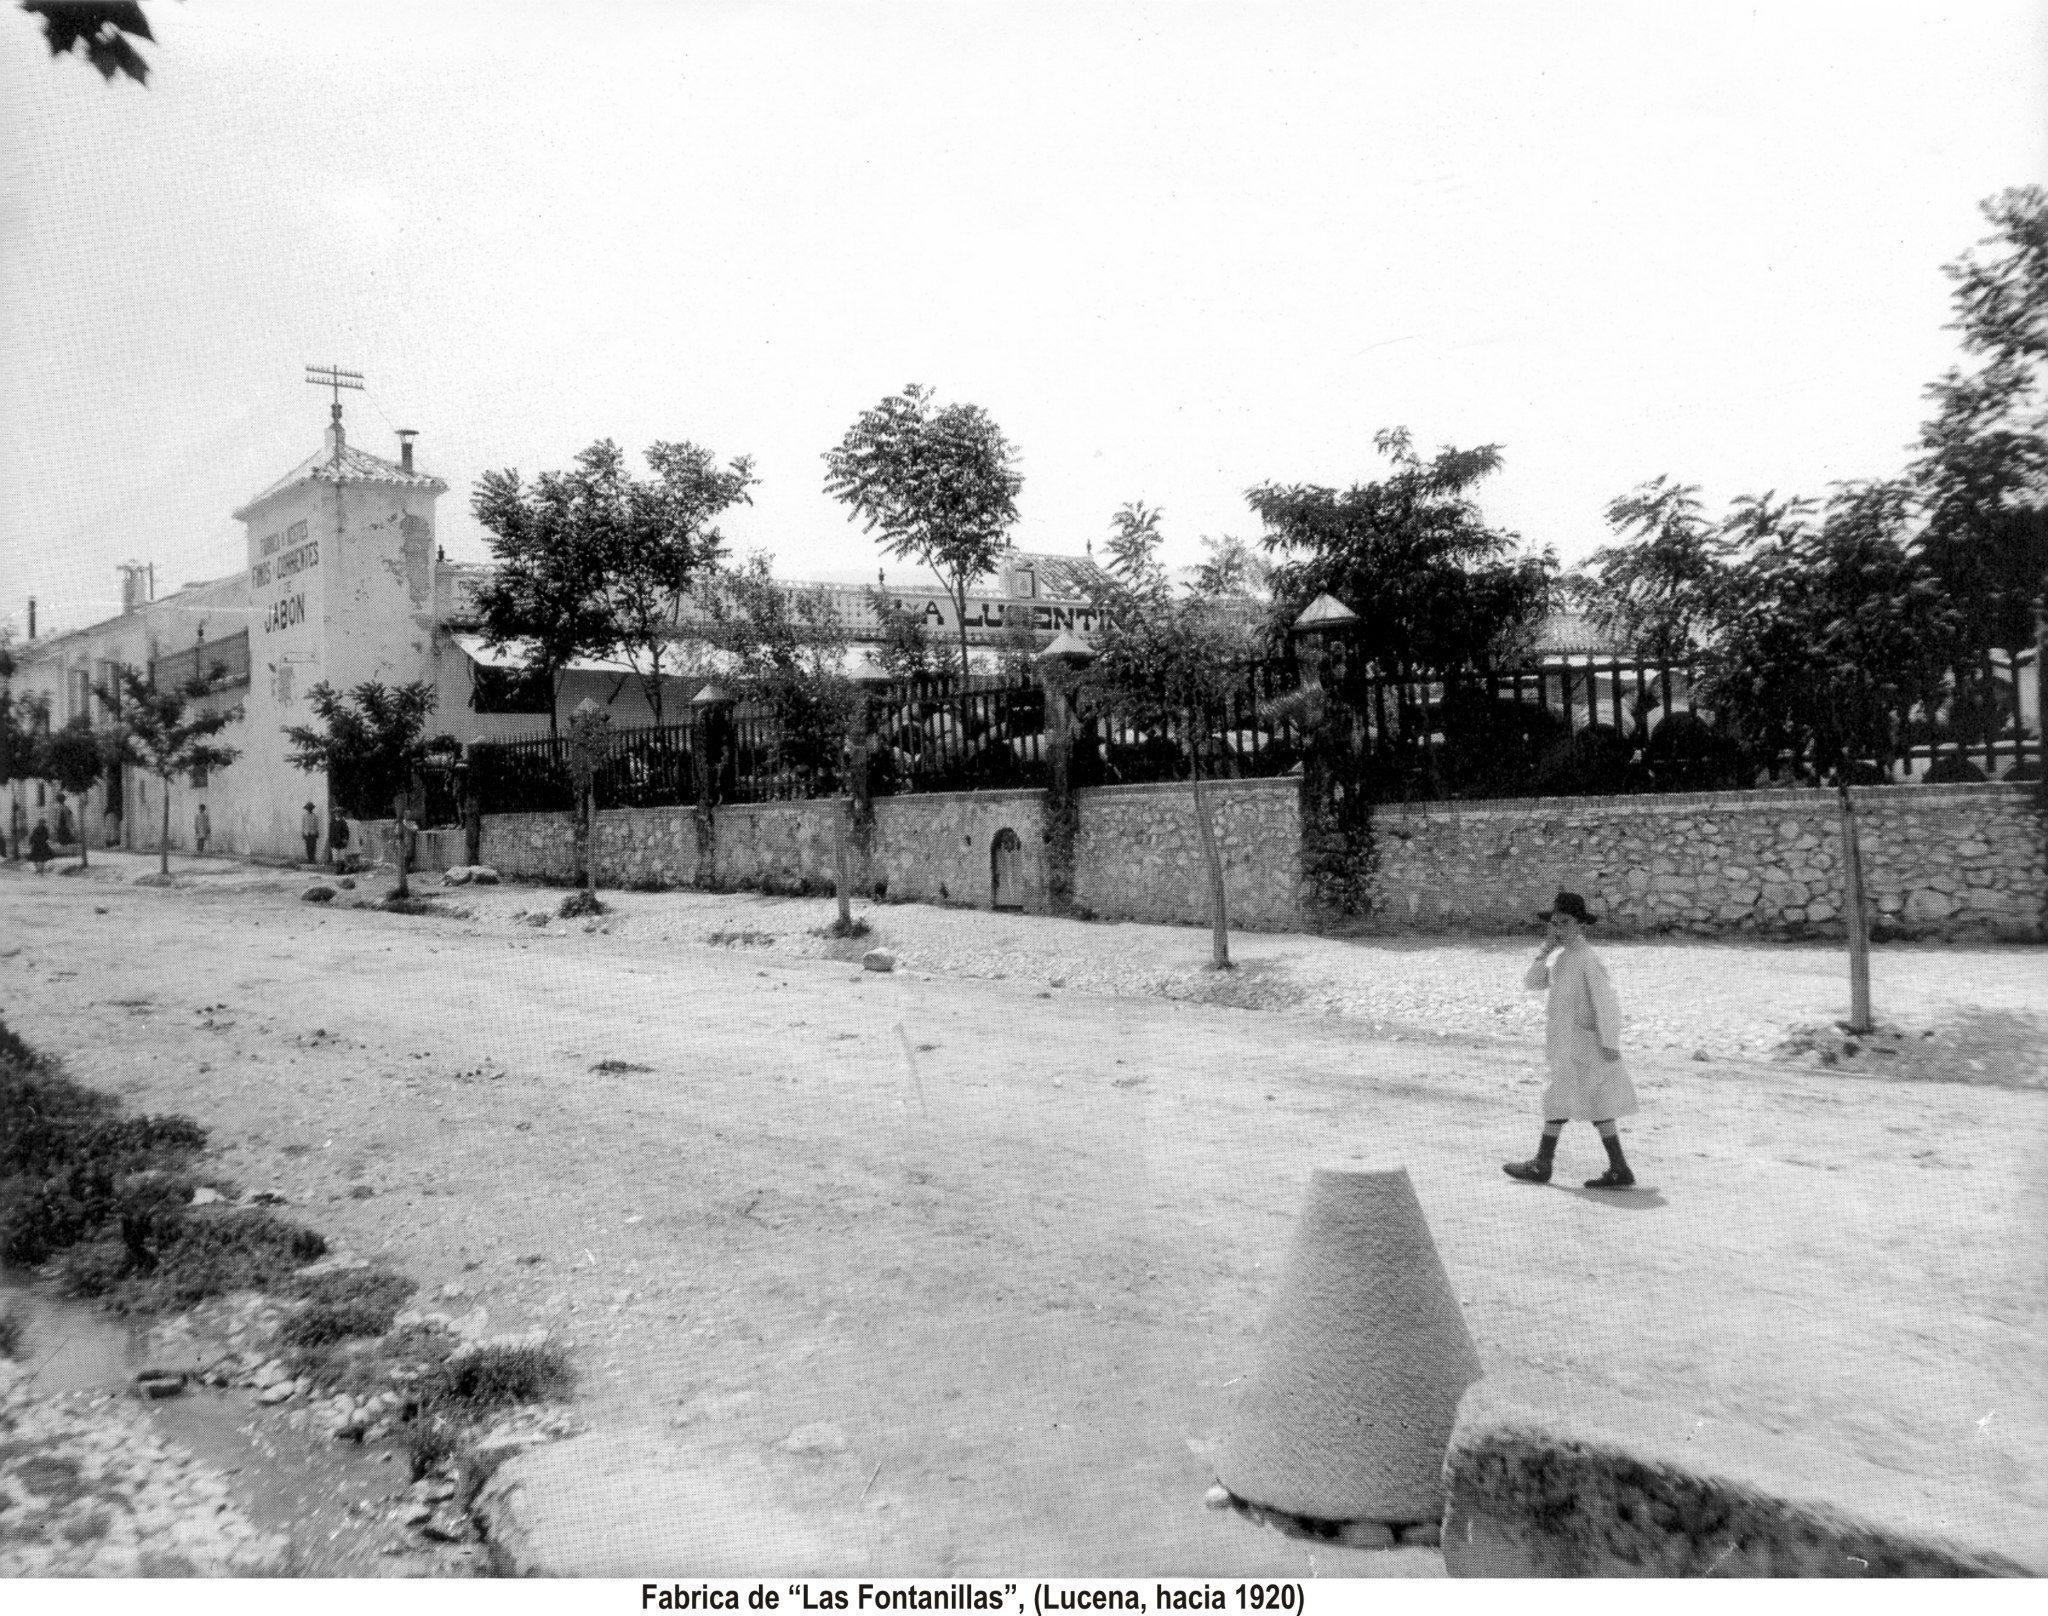 Fábrica de aceite y jabones Las Fontanillas 1920